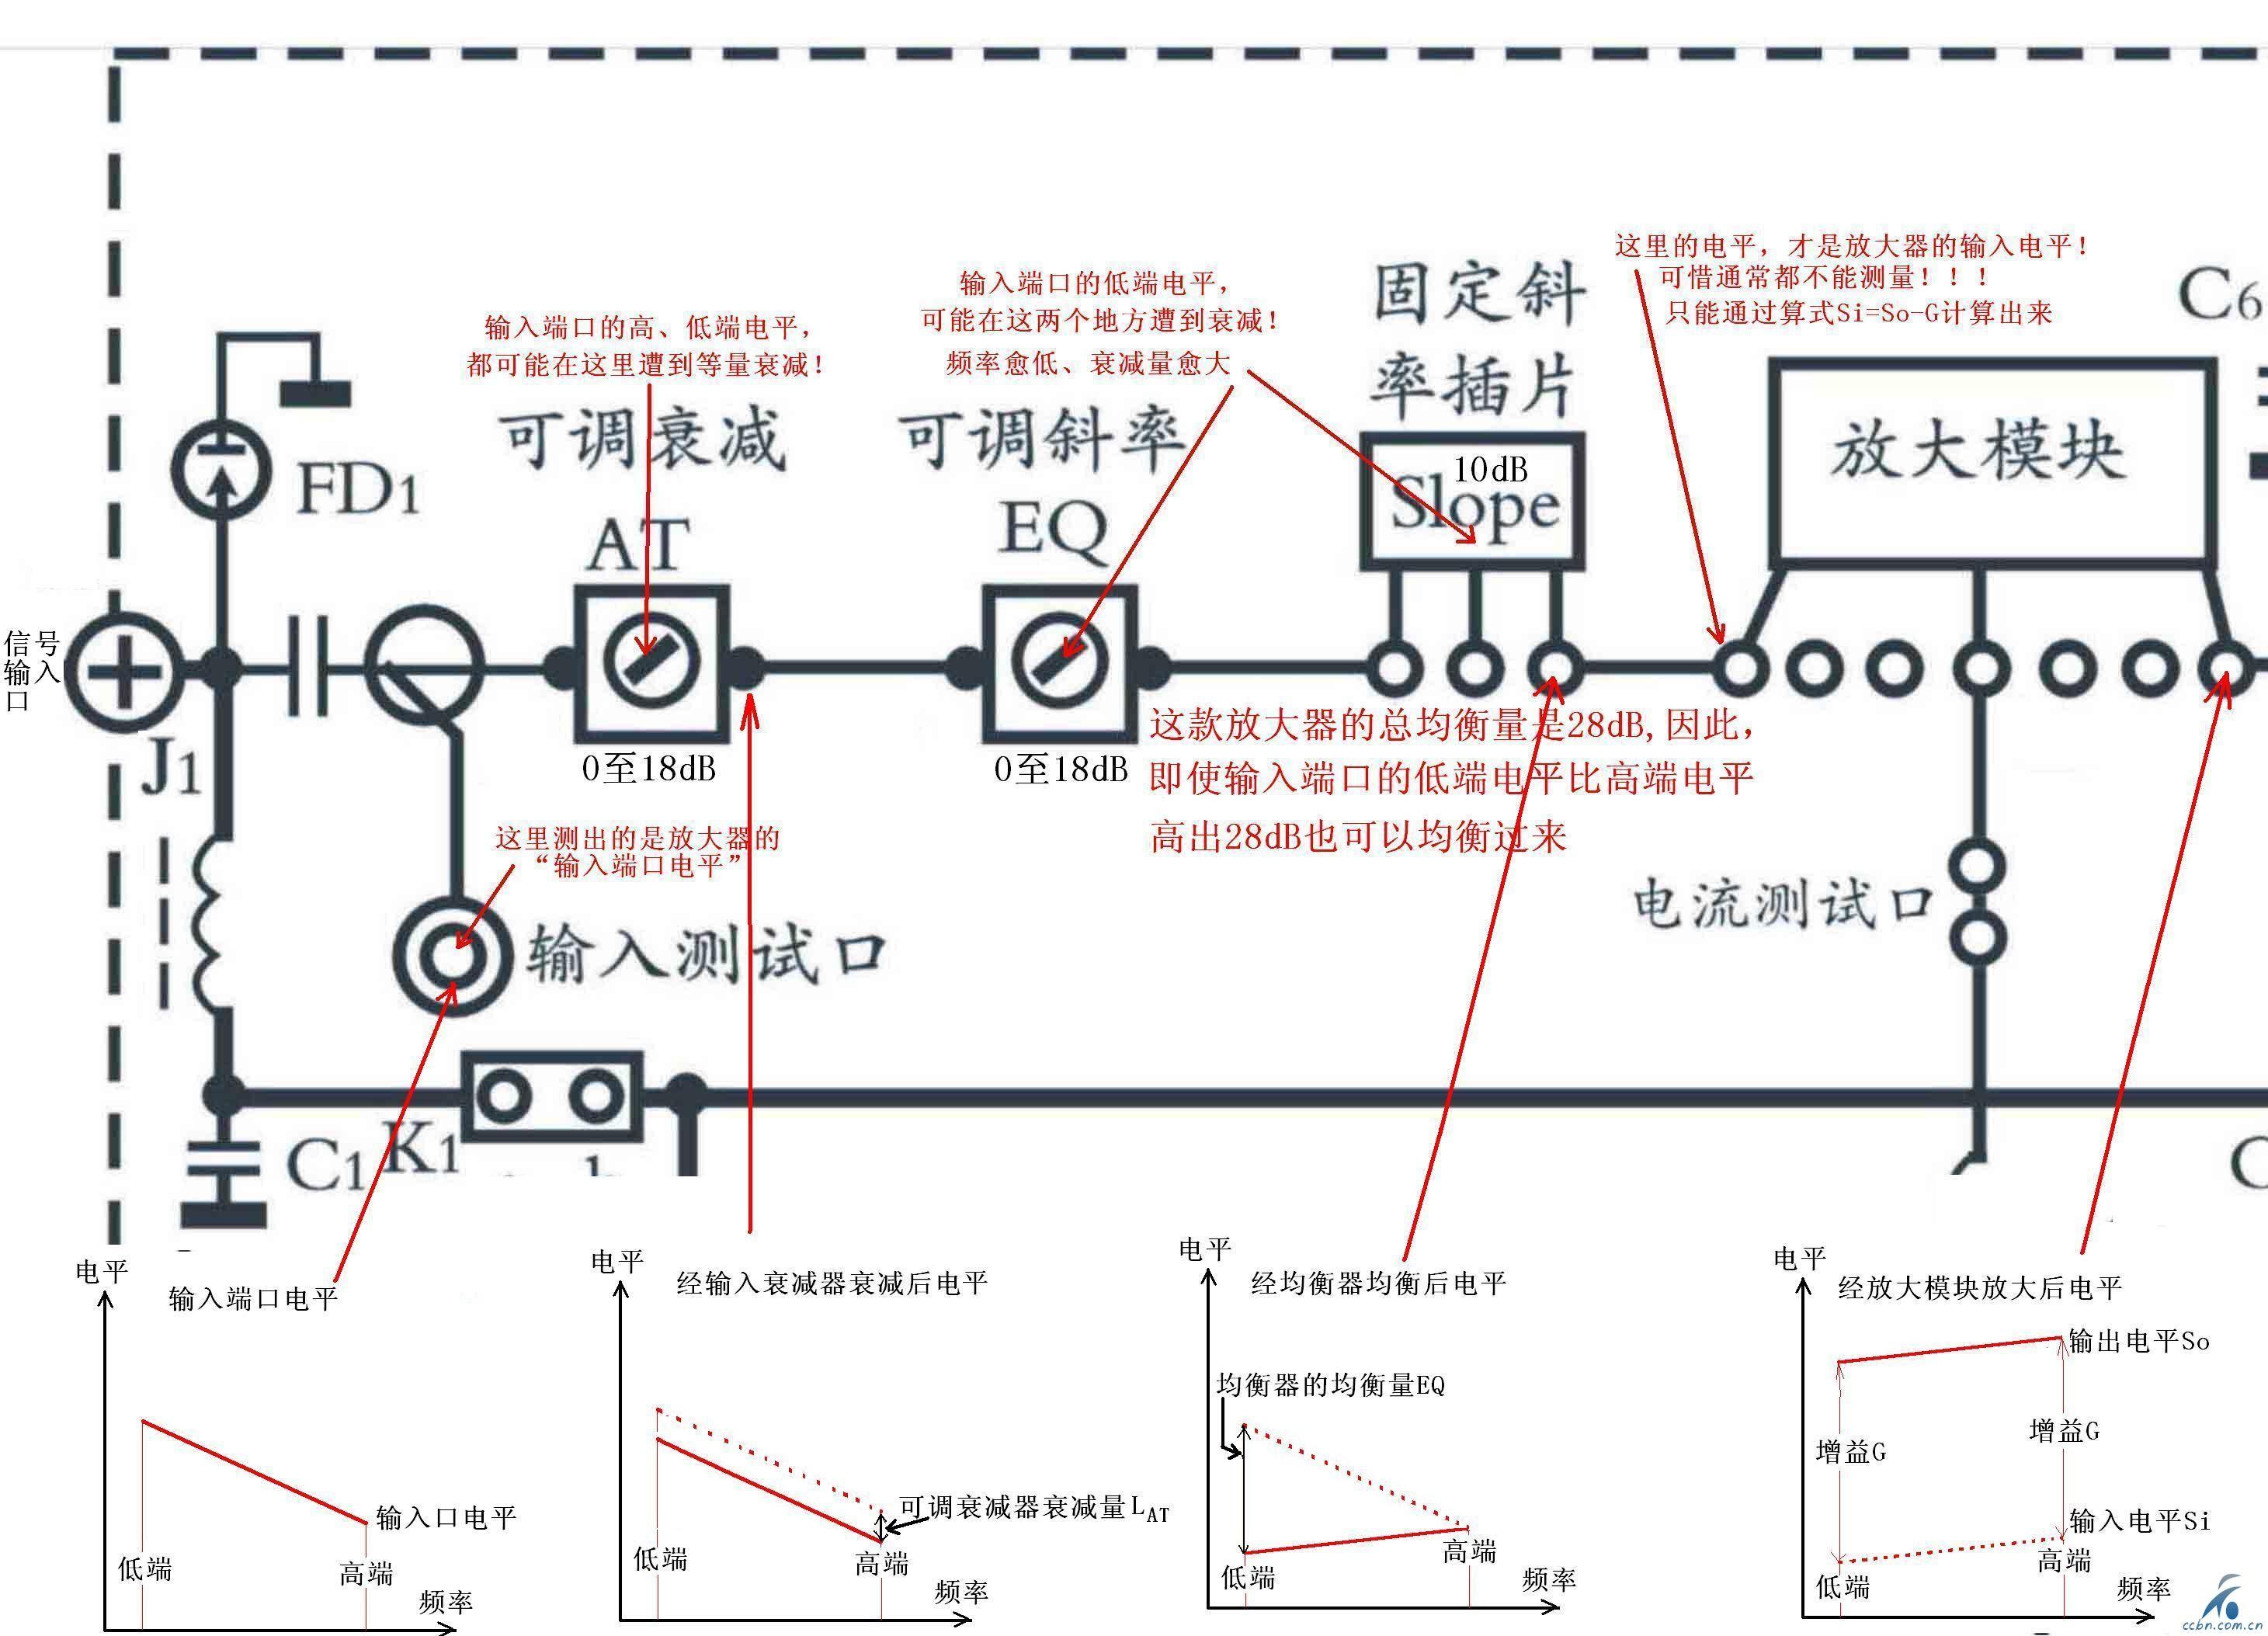 放大器电原理简图2前端局部电平.JPG